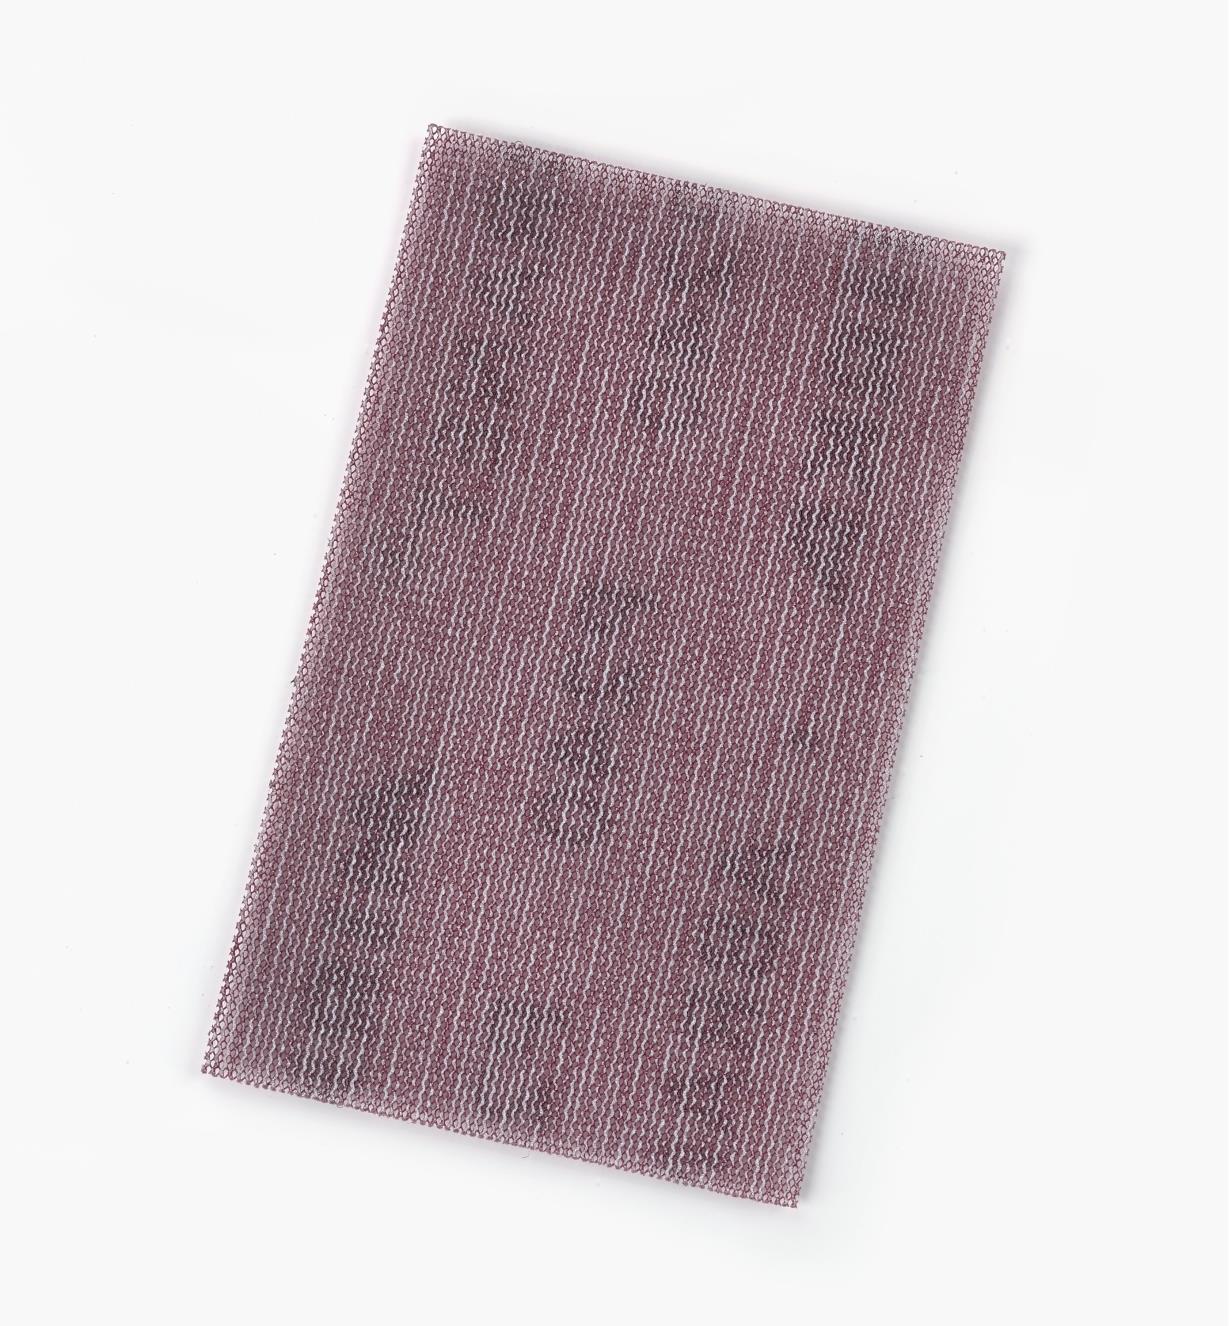 55K9304 - 240x Abranet Sheet, each